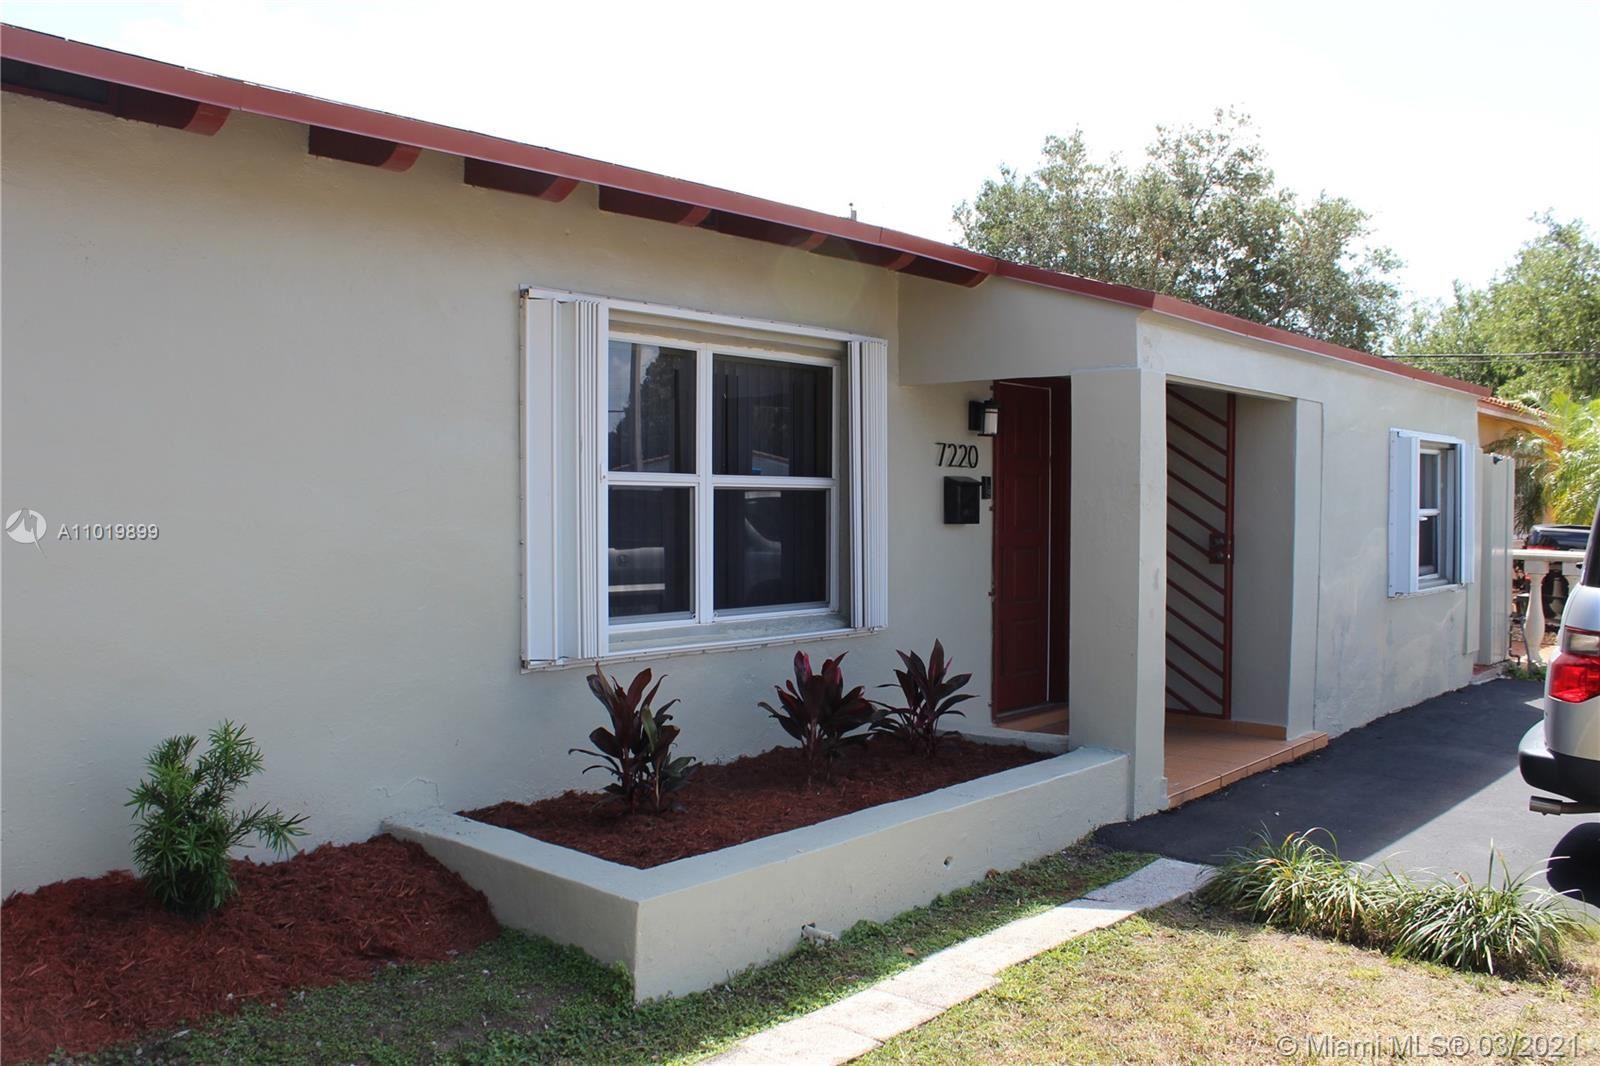 7220 SW 5th Ter, Miami, FL 33144 - #: A11019899